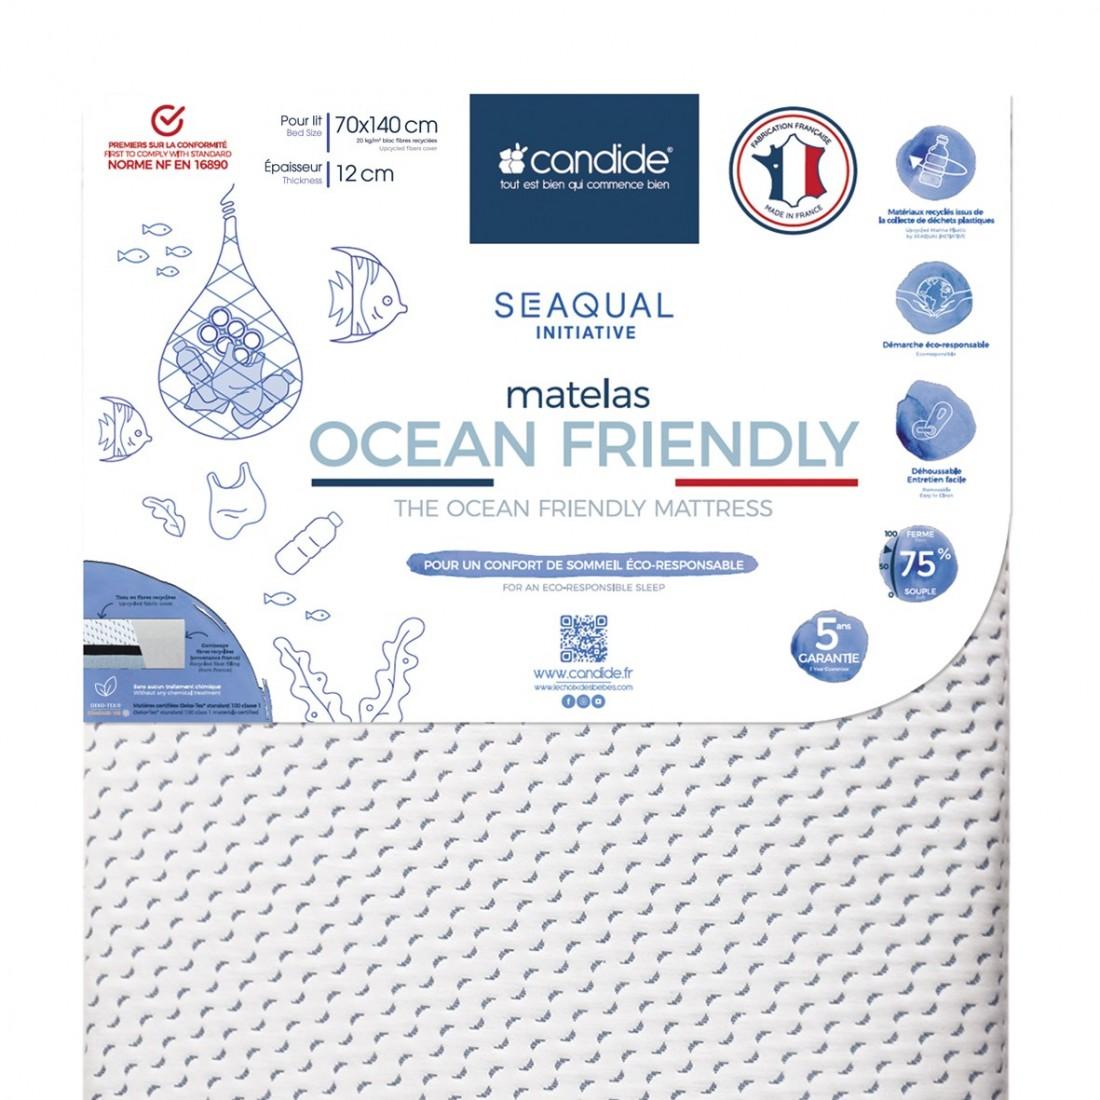 Candide - Matelas bébé 70x140cm Ocean friendly